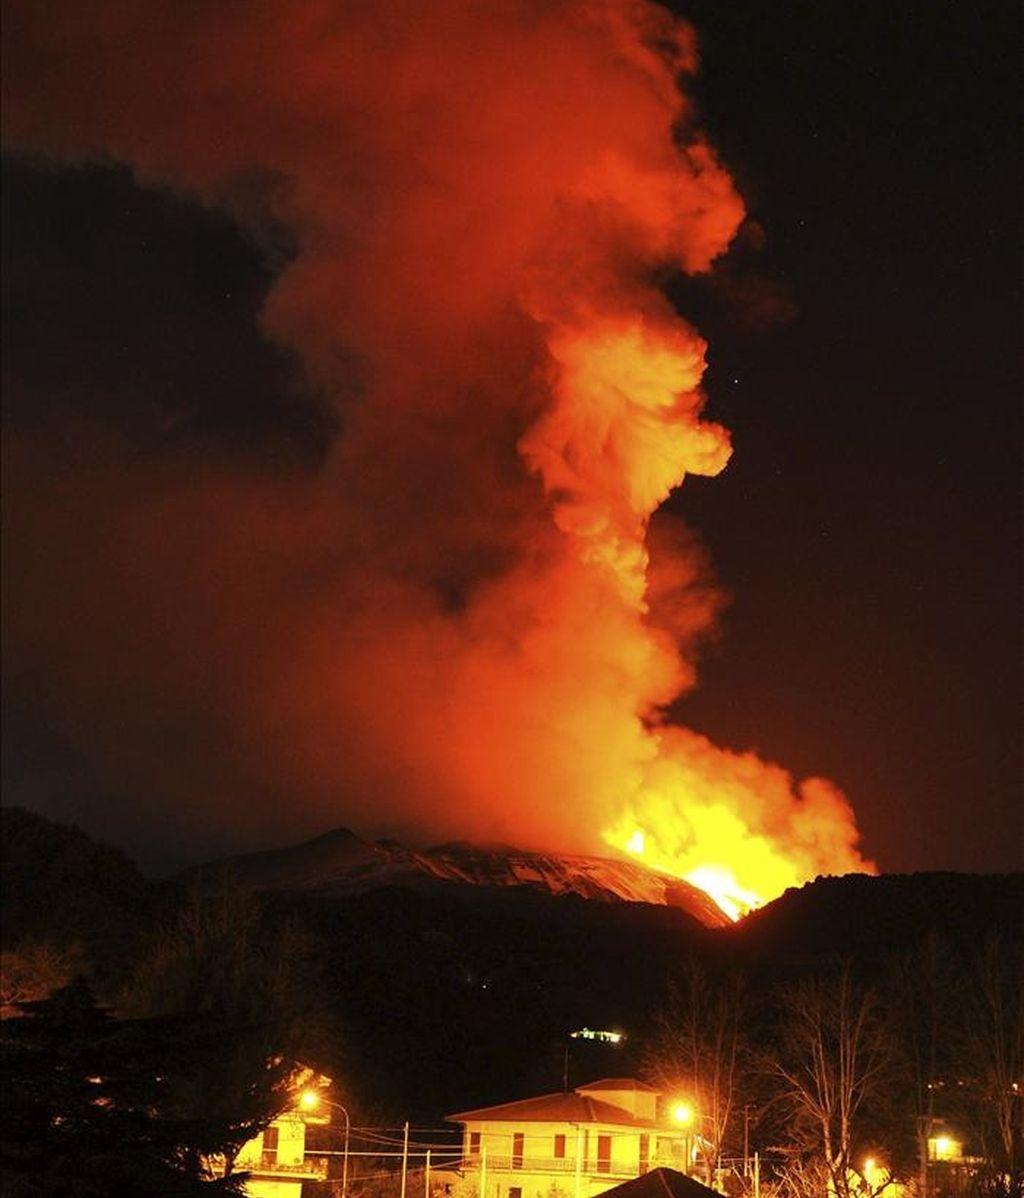 Imagen facilitada por el Instituto Nacional de Geofísica y Vulcanología de Italia (INGV), que muestrala actividad del volcán Etna, que ha entrado en erupción en la isla italiana de Sicilia en las últimas horas, dejando un espectacular río de lava por una de sus laderas y poniendo en alerta a las autoridades locales, hoy, jueves 13 de enero de 2011. EFE